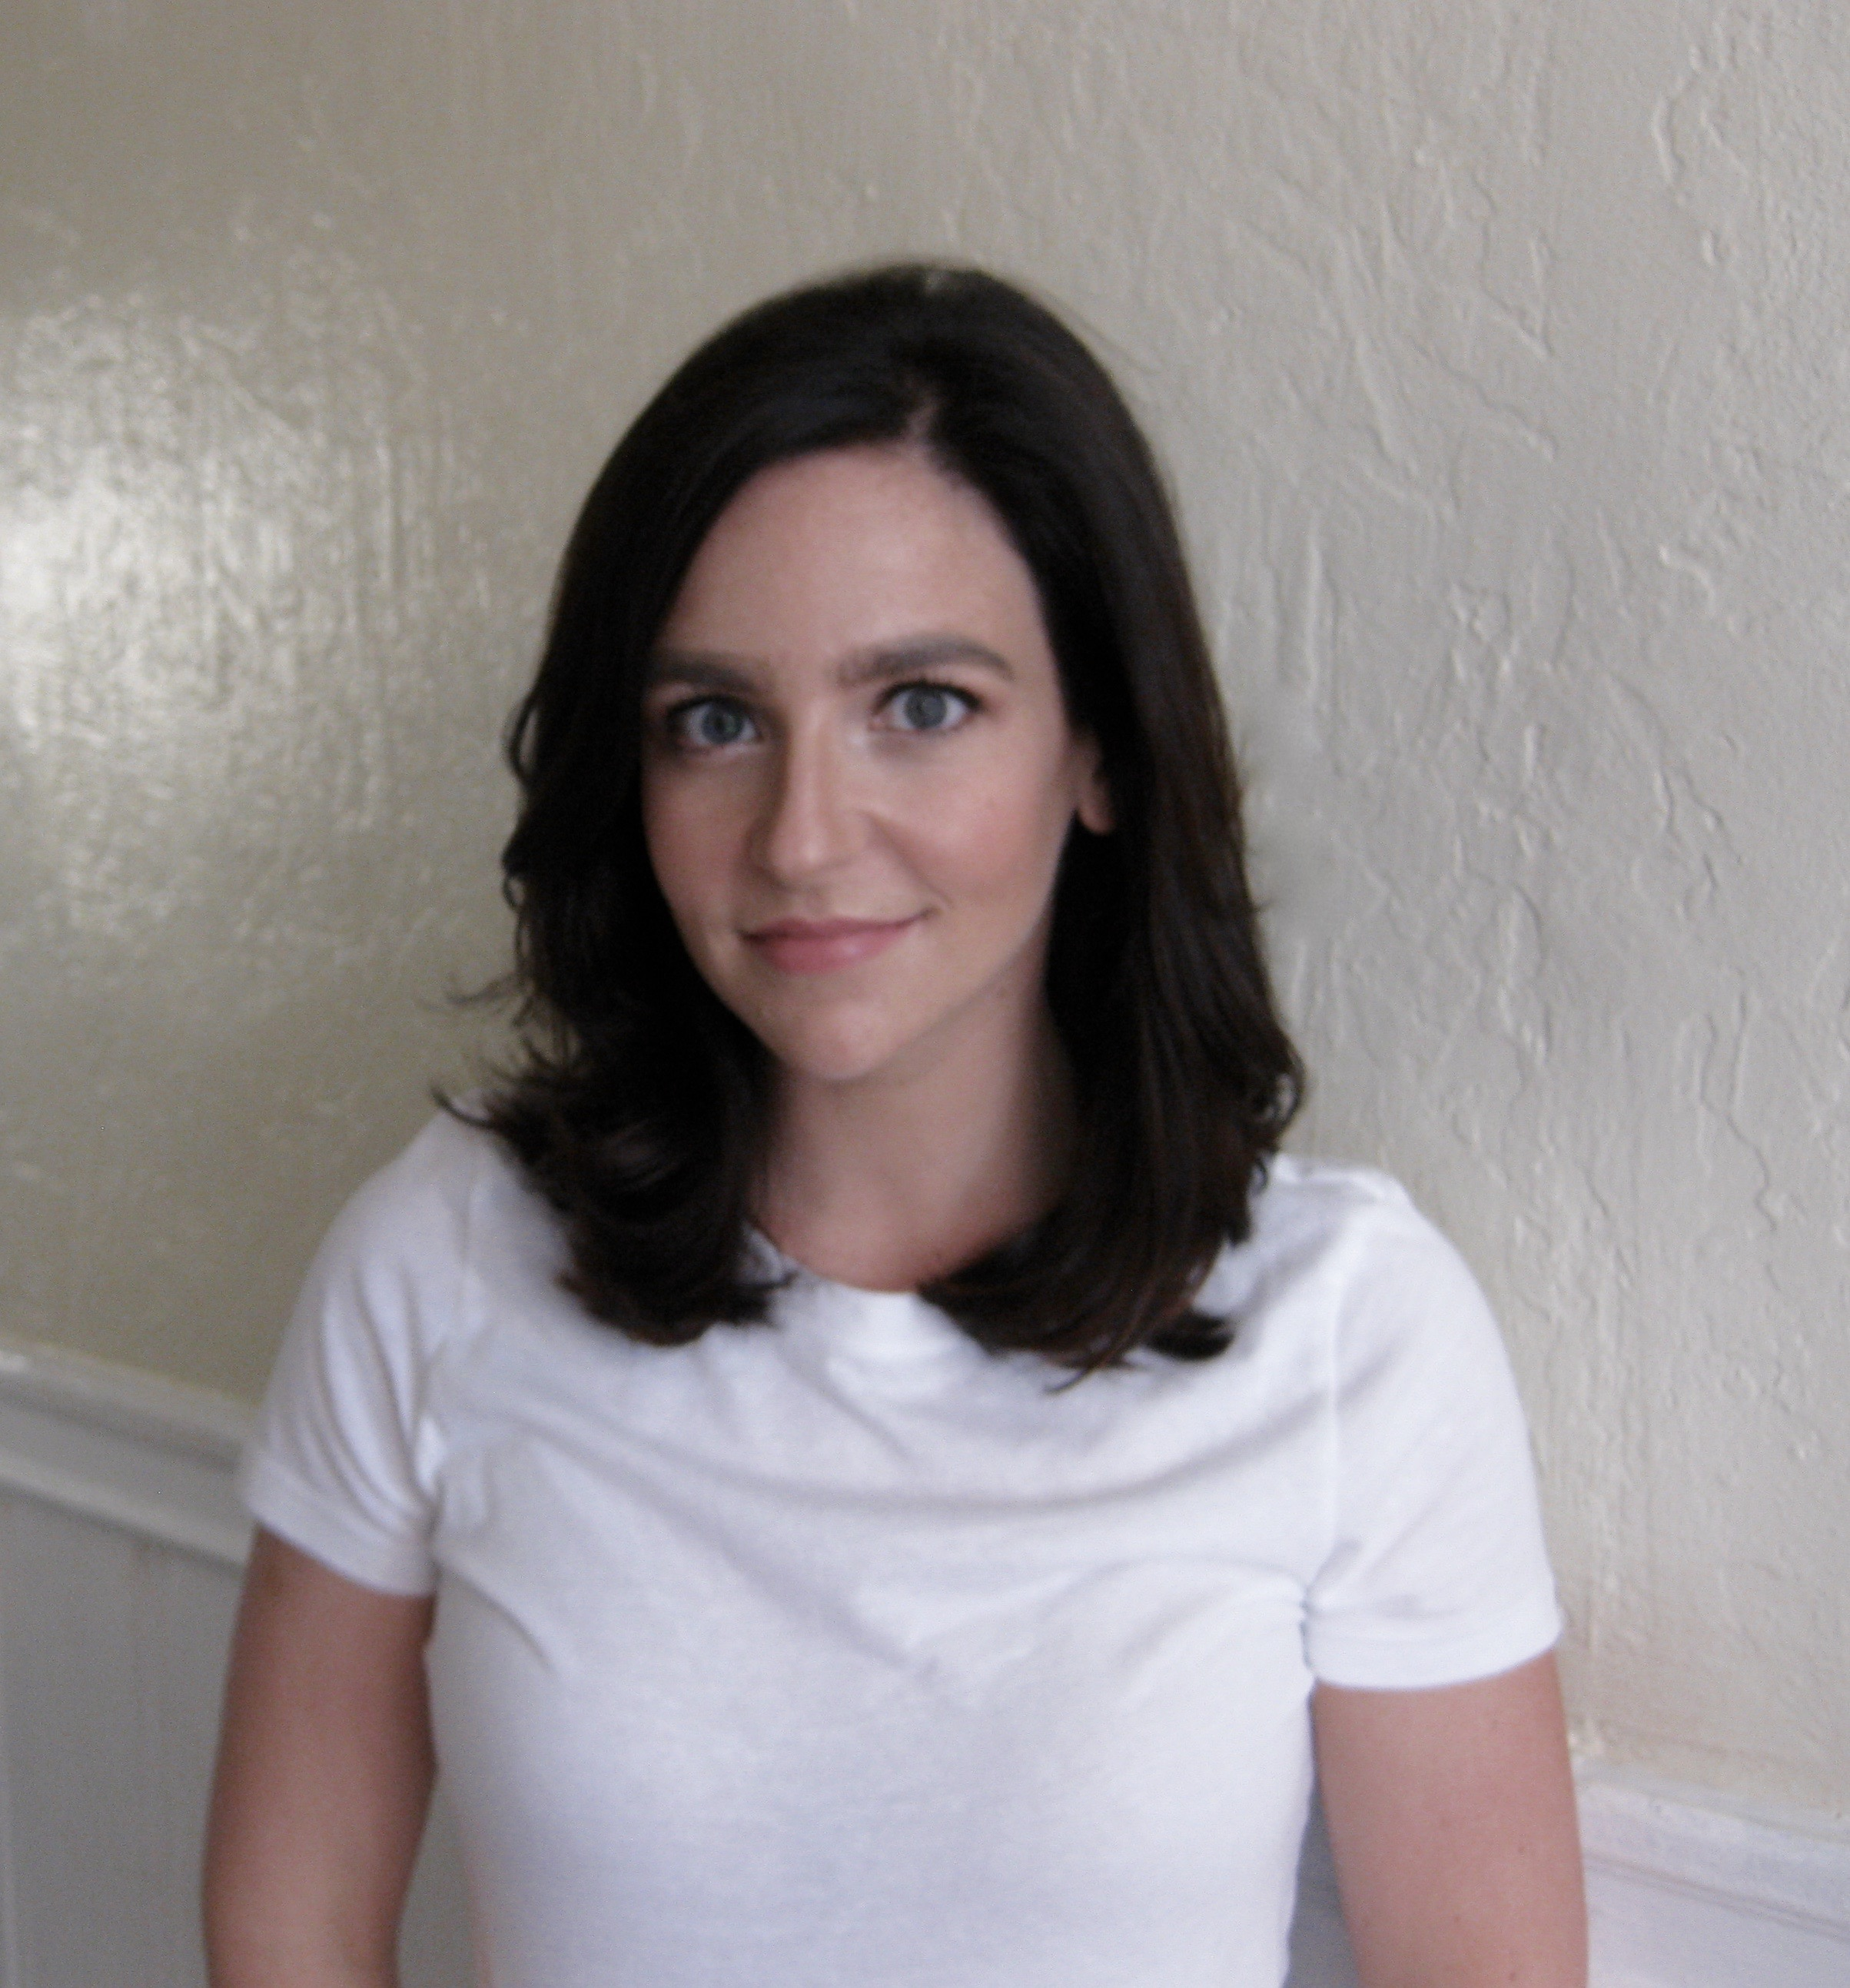 ANDREA HINMAN, DIRECTOR